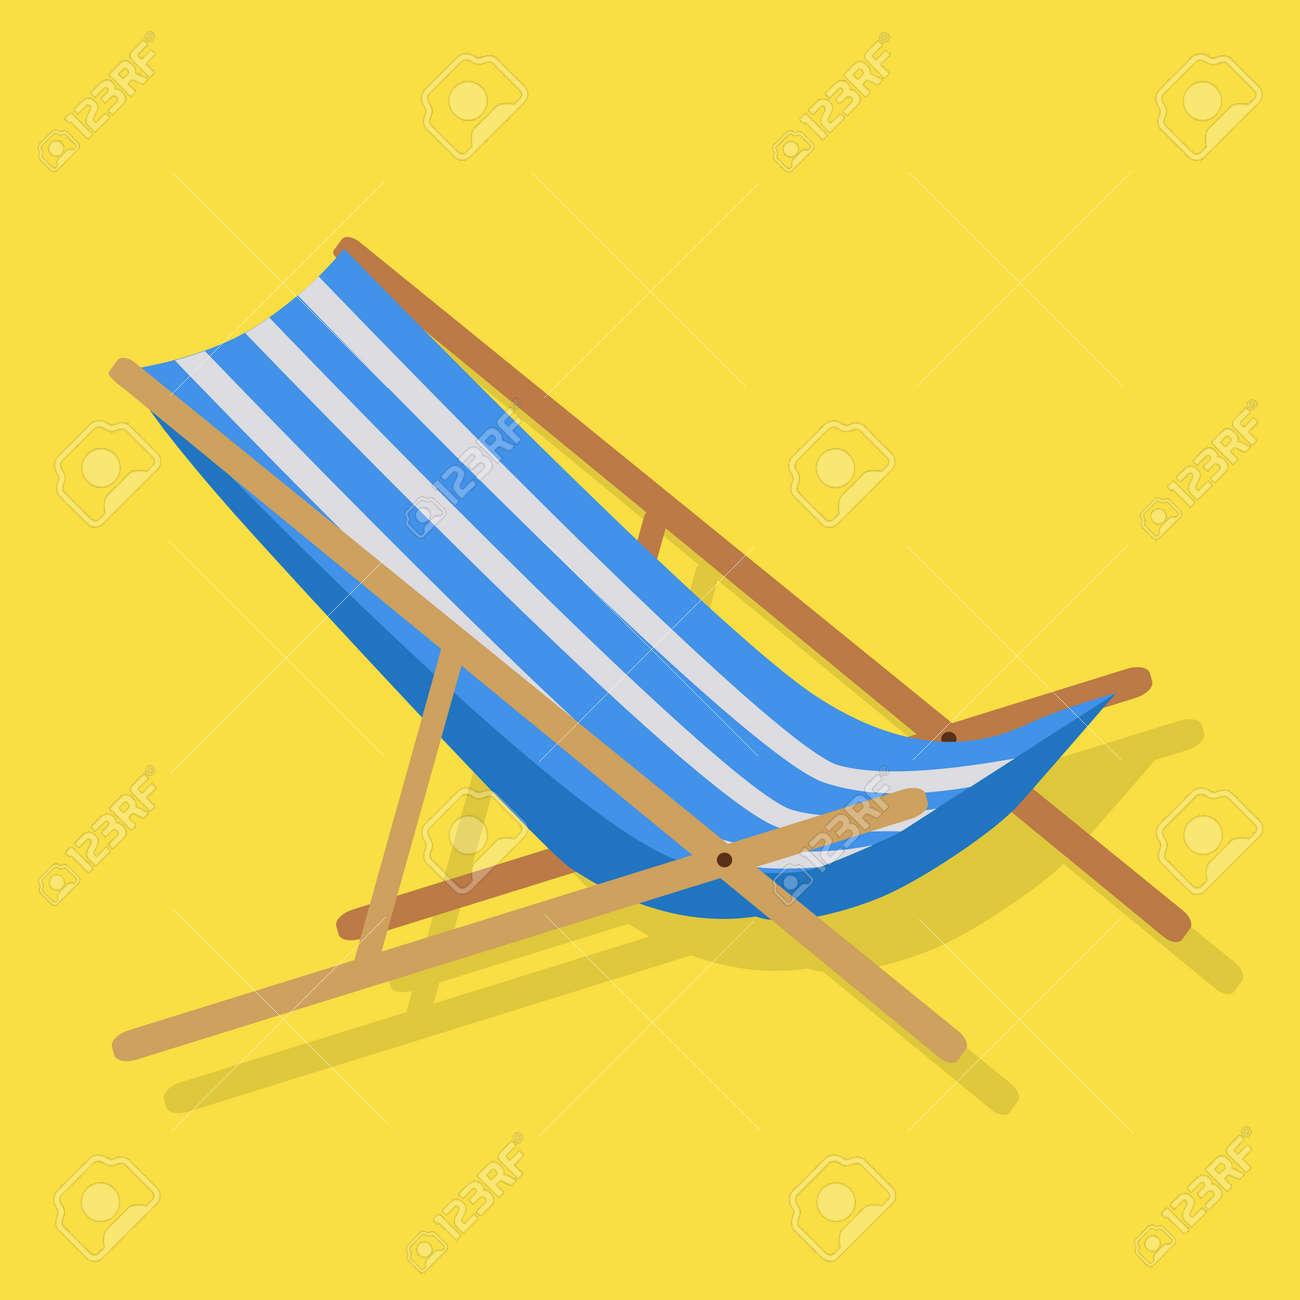 Simples Rayures Blanches Plage D été En Bois Chaise Chaise Transat Bleu  Design Plat Isolé Sur Jaune Vector Illustration b1fc540f824b